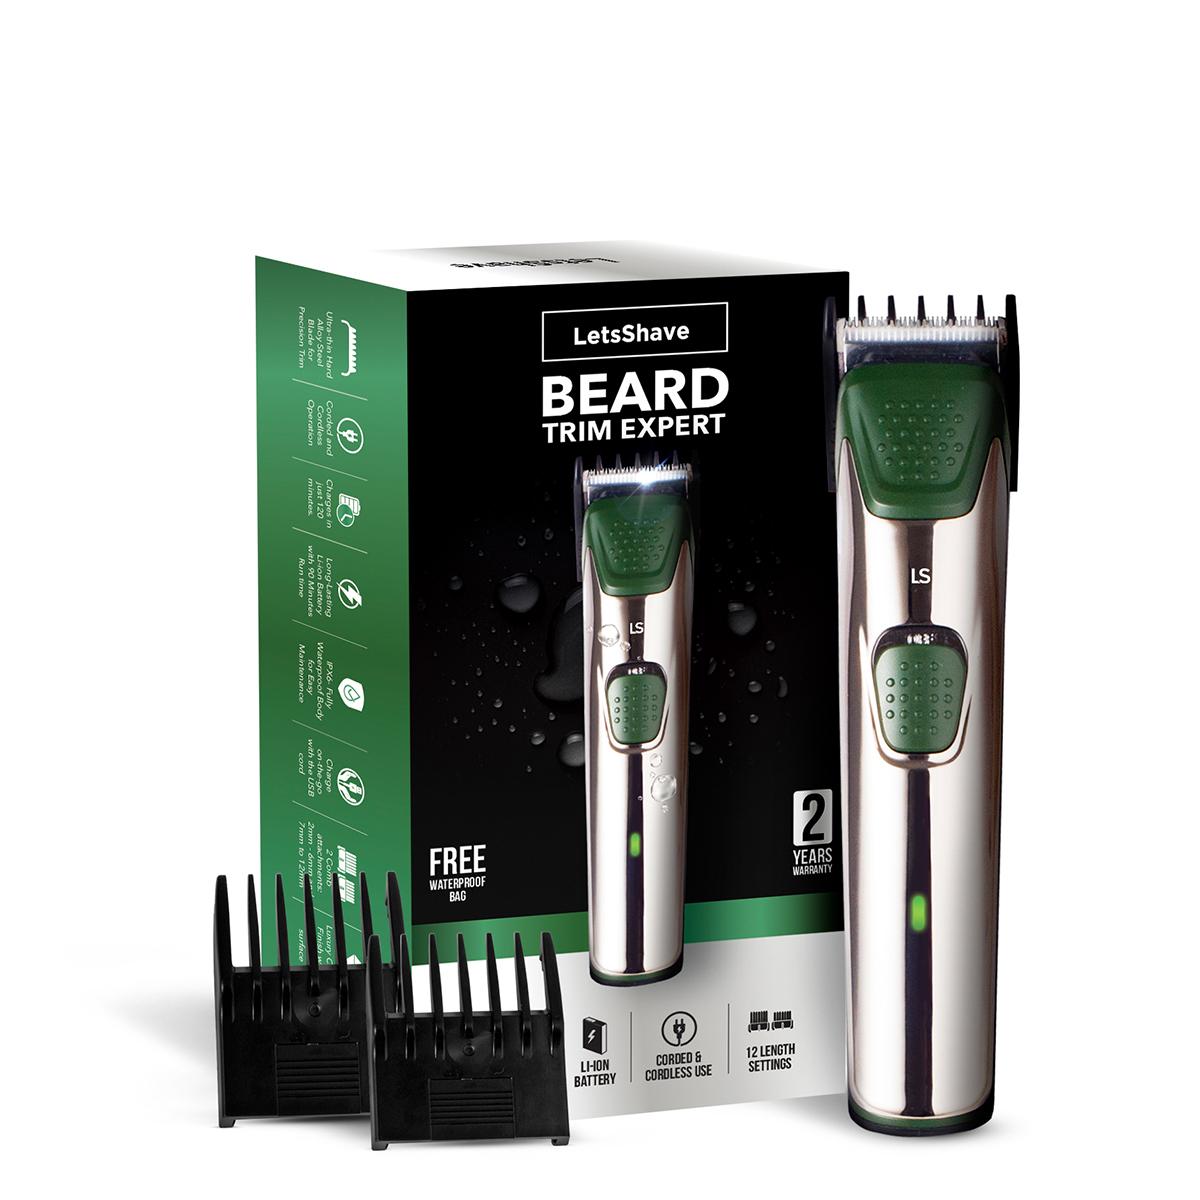 LetsShave | LetsShave Beard Trim Expert